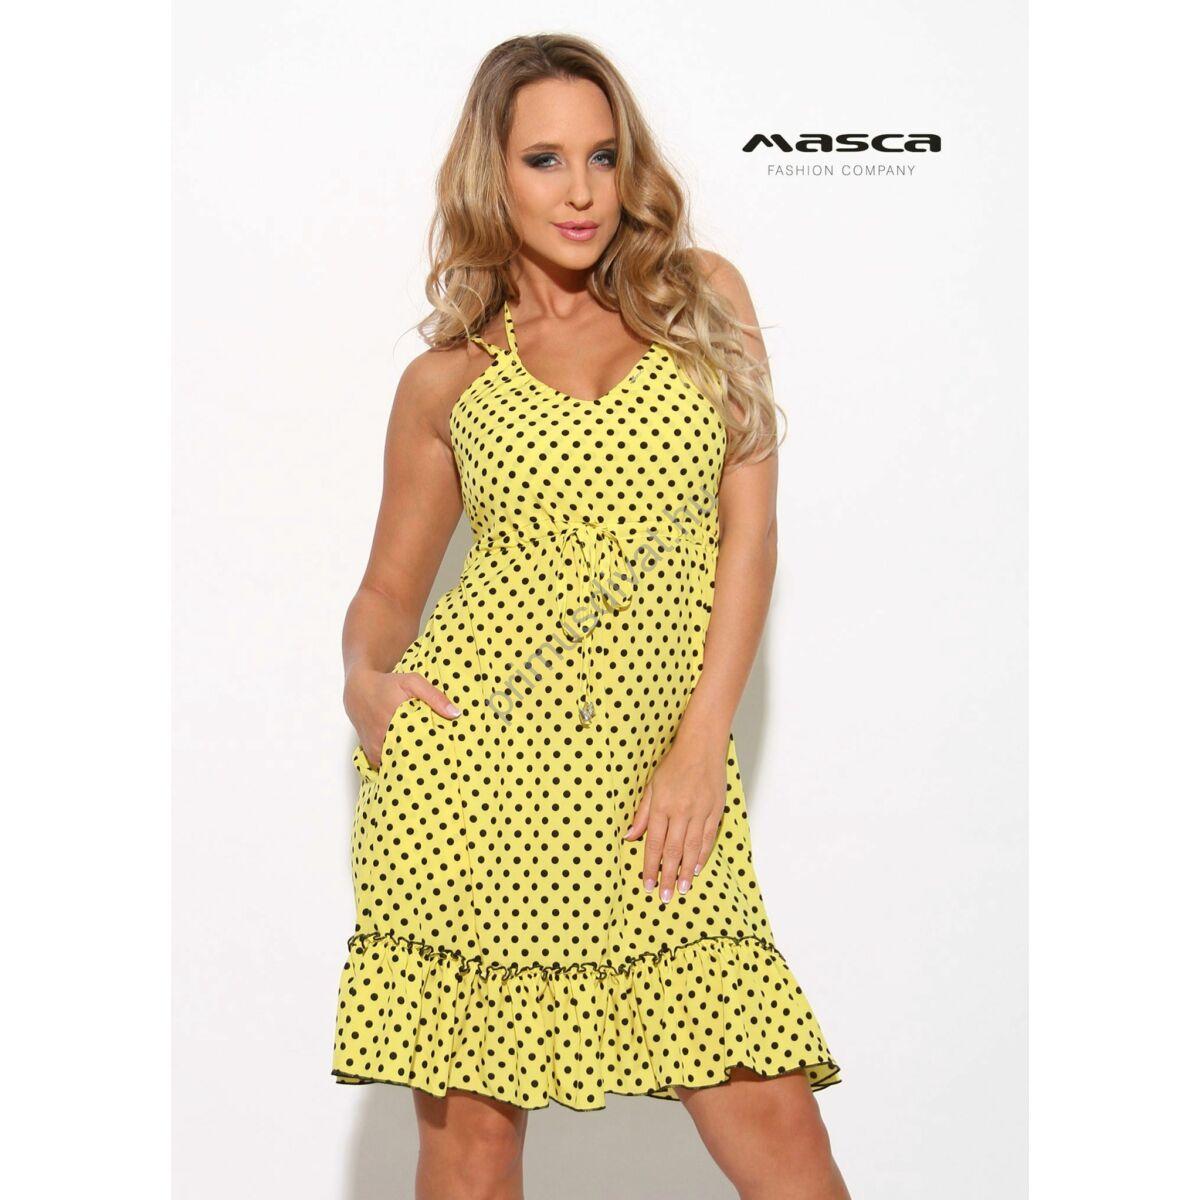 8048af4352 Kép 1/1 - Masca Fashion dupla spagettipántos, fodros aljú A-vonalú fekete  pöttyös sárga lenge zsebes ruha, vékony szövött anyagból